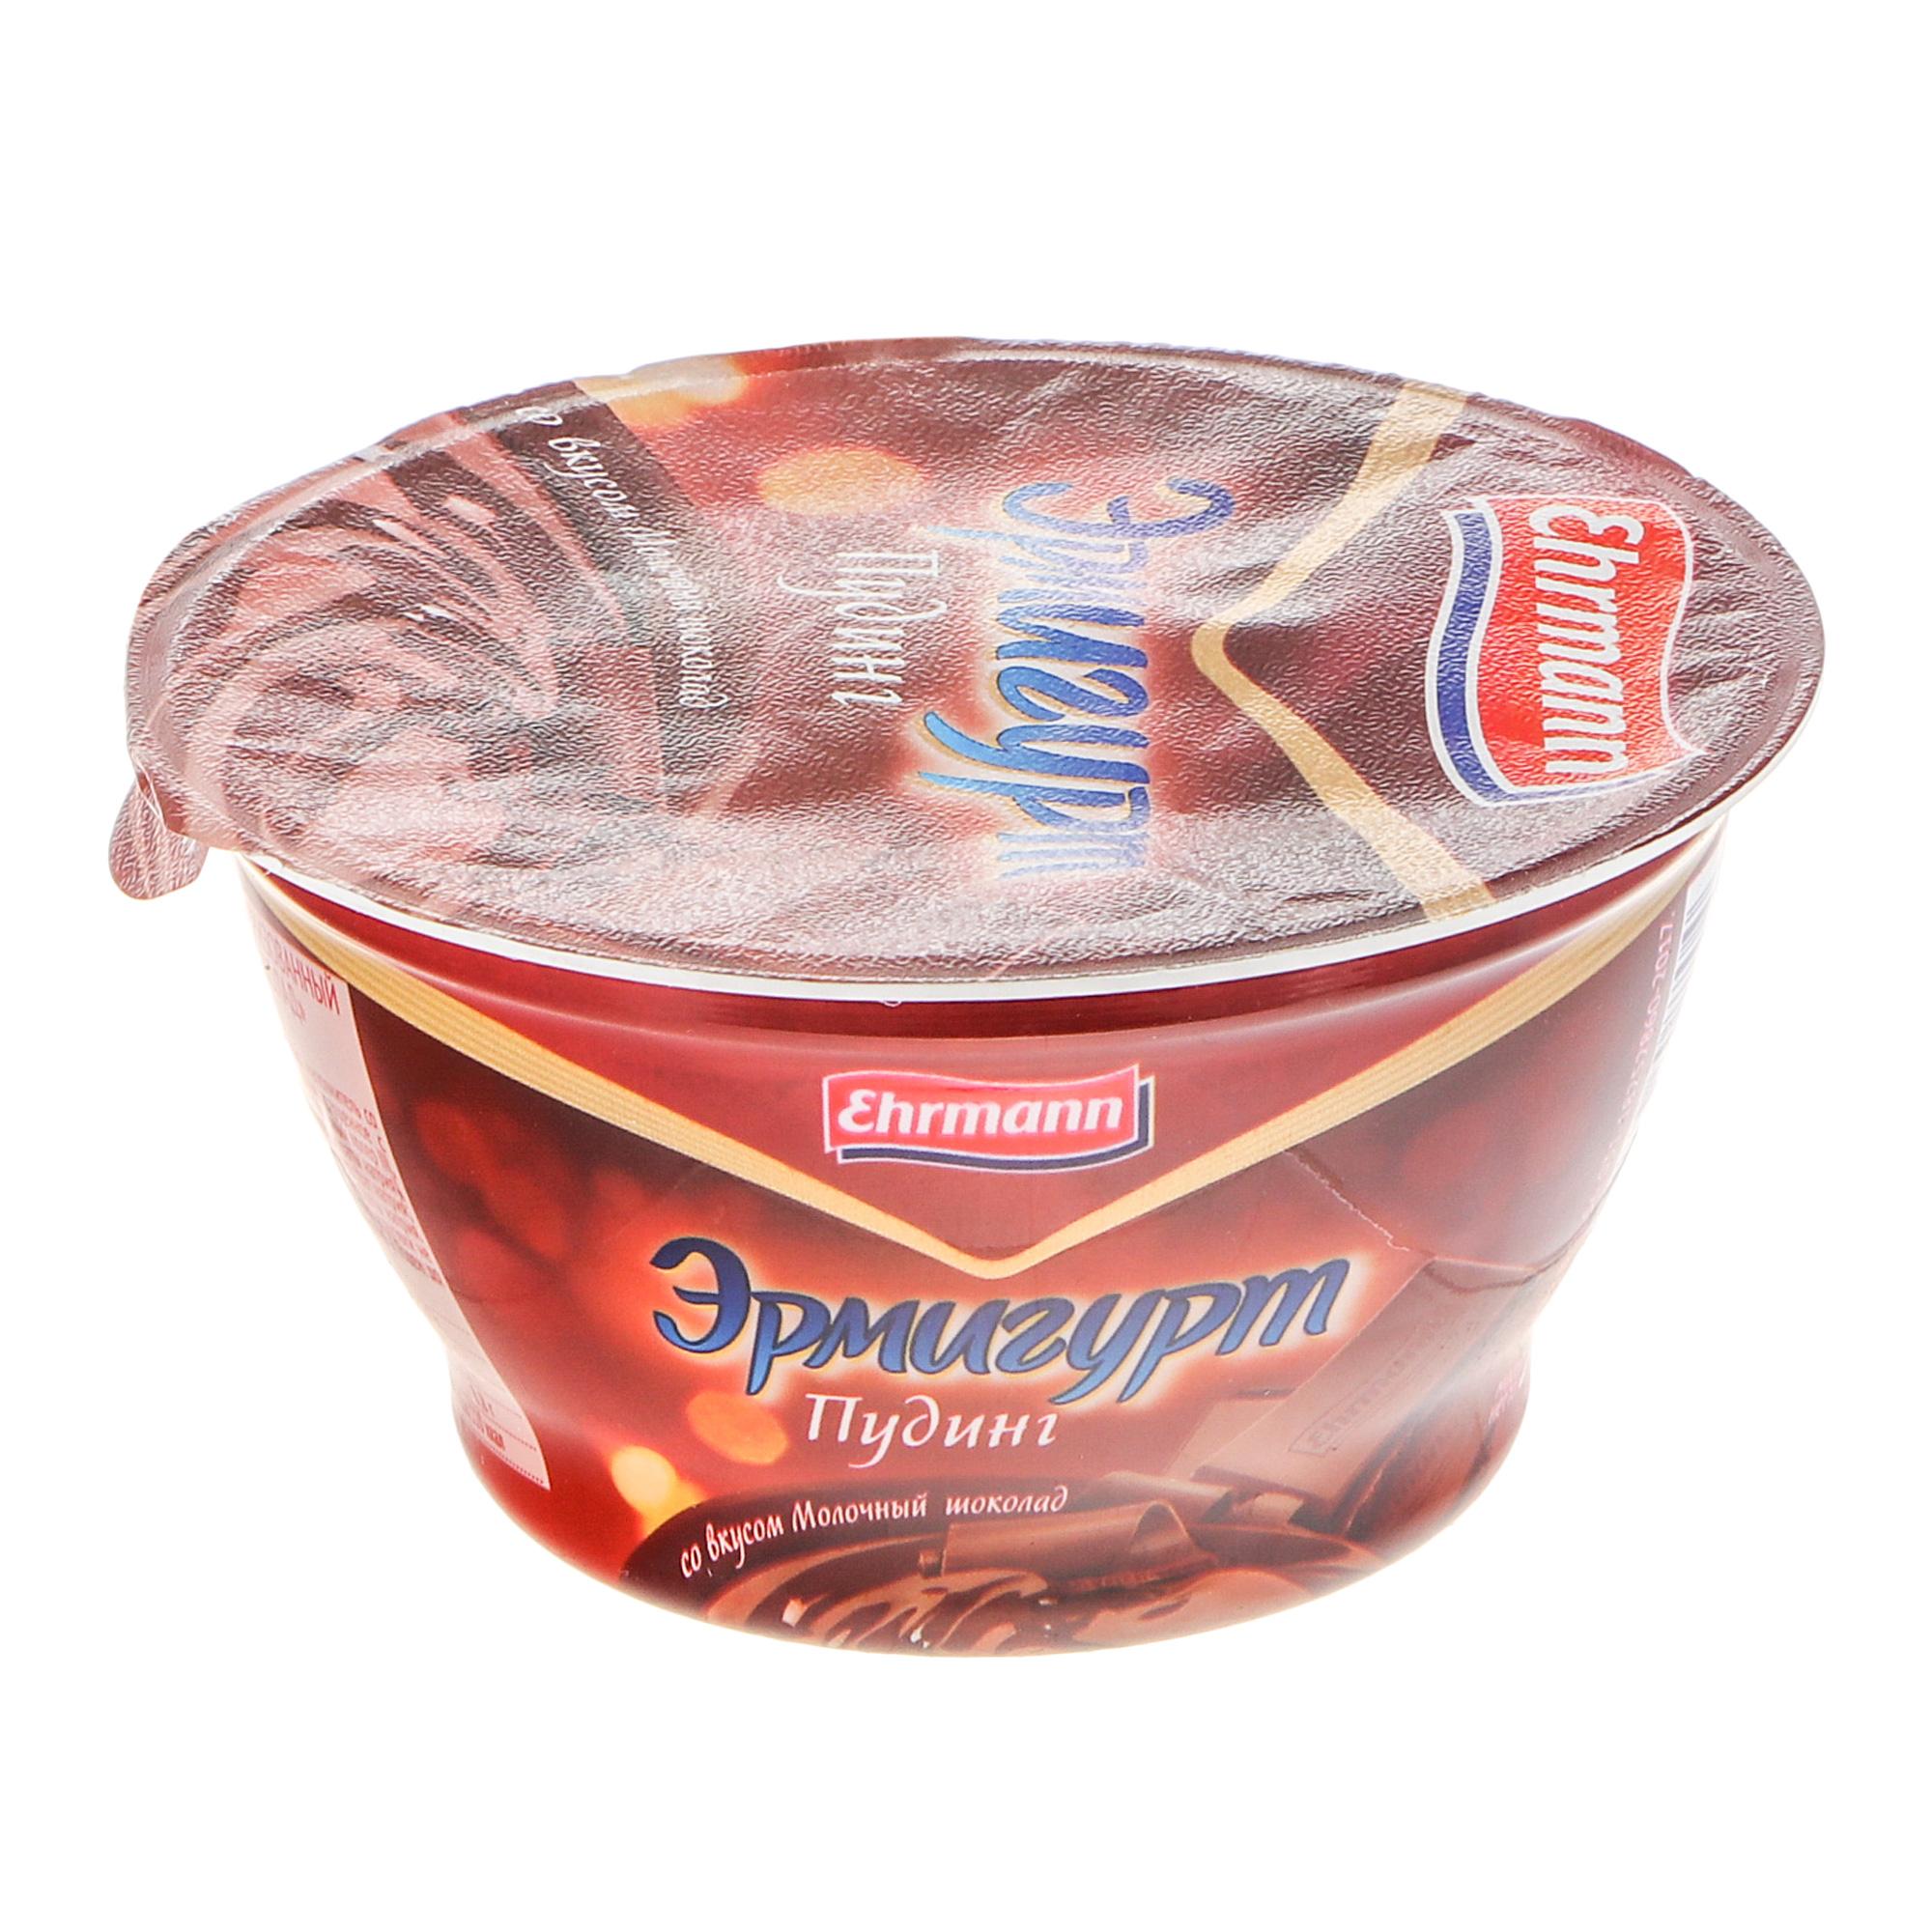 Пудинг Ehrmann Эрмигурт Молочный шоколад 3,4% 140 г